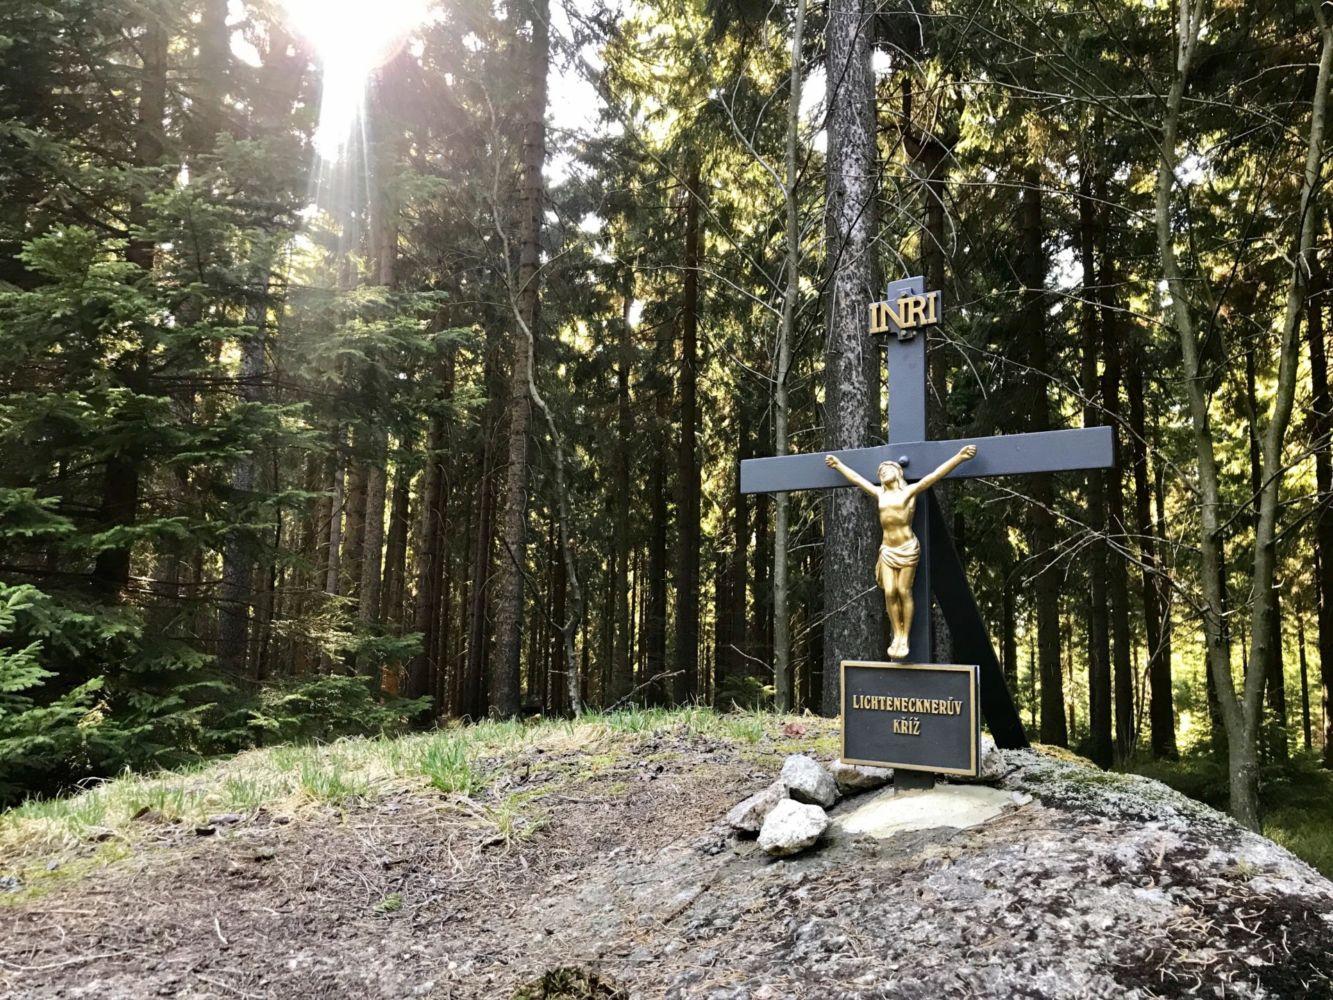 Obnovený Lichtenecknerův kříž na Vládní cestě v Jizerských horách, který nechal postavit polesný Lichteneckner z vděčnosti, že se zachránil před nečistými mocnostmi při nočním návratu z hospody.